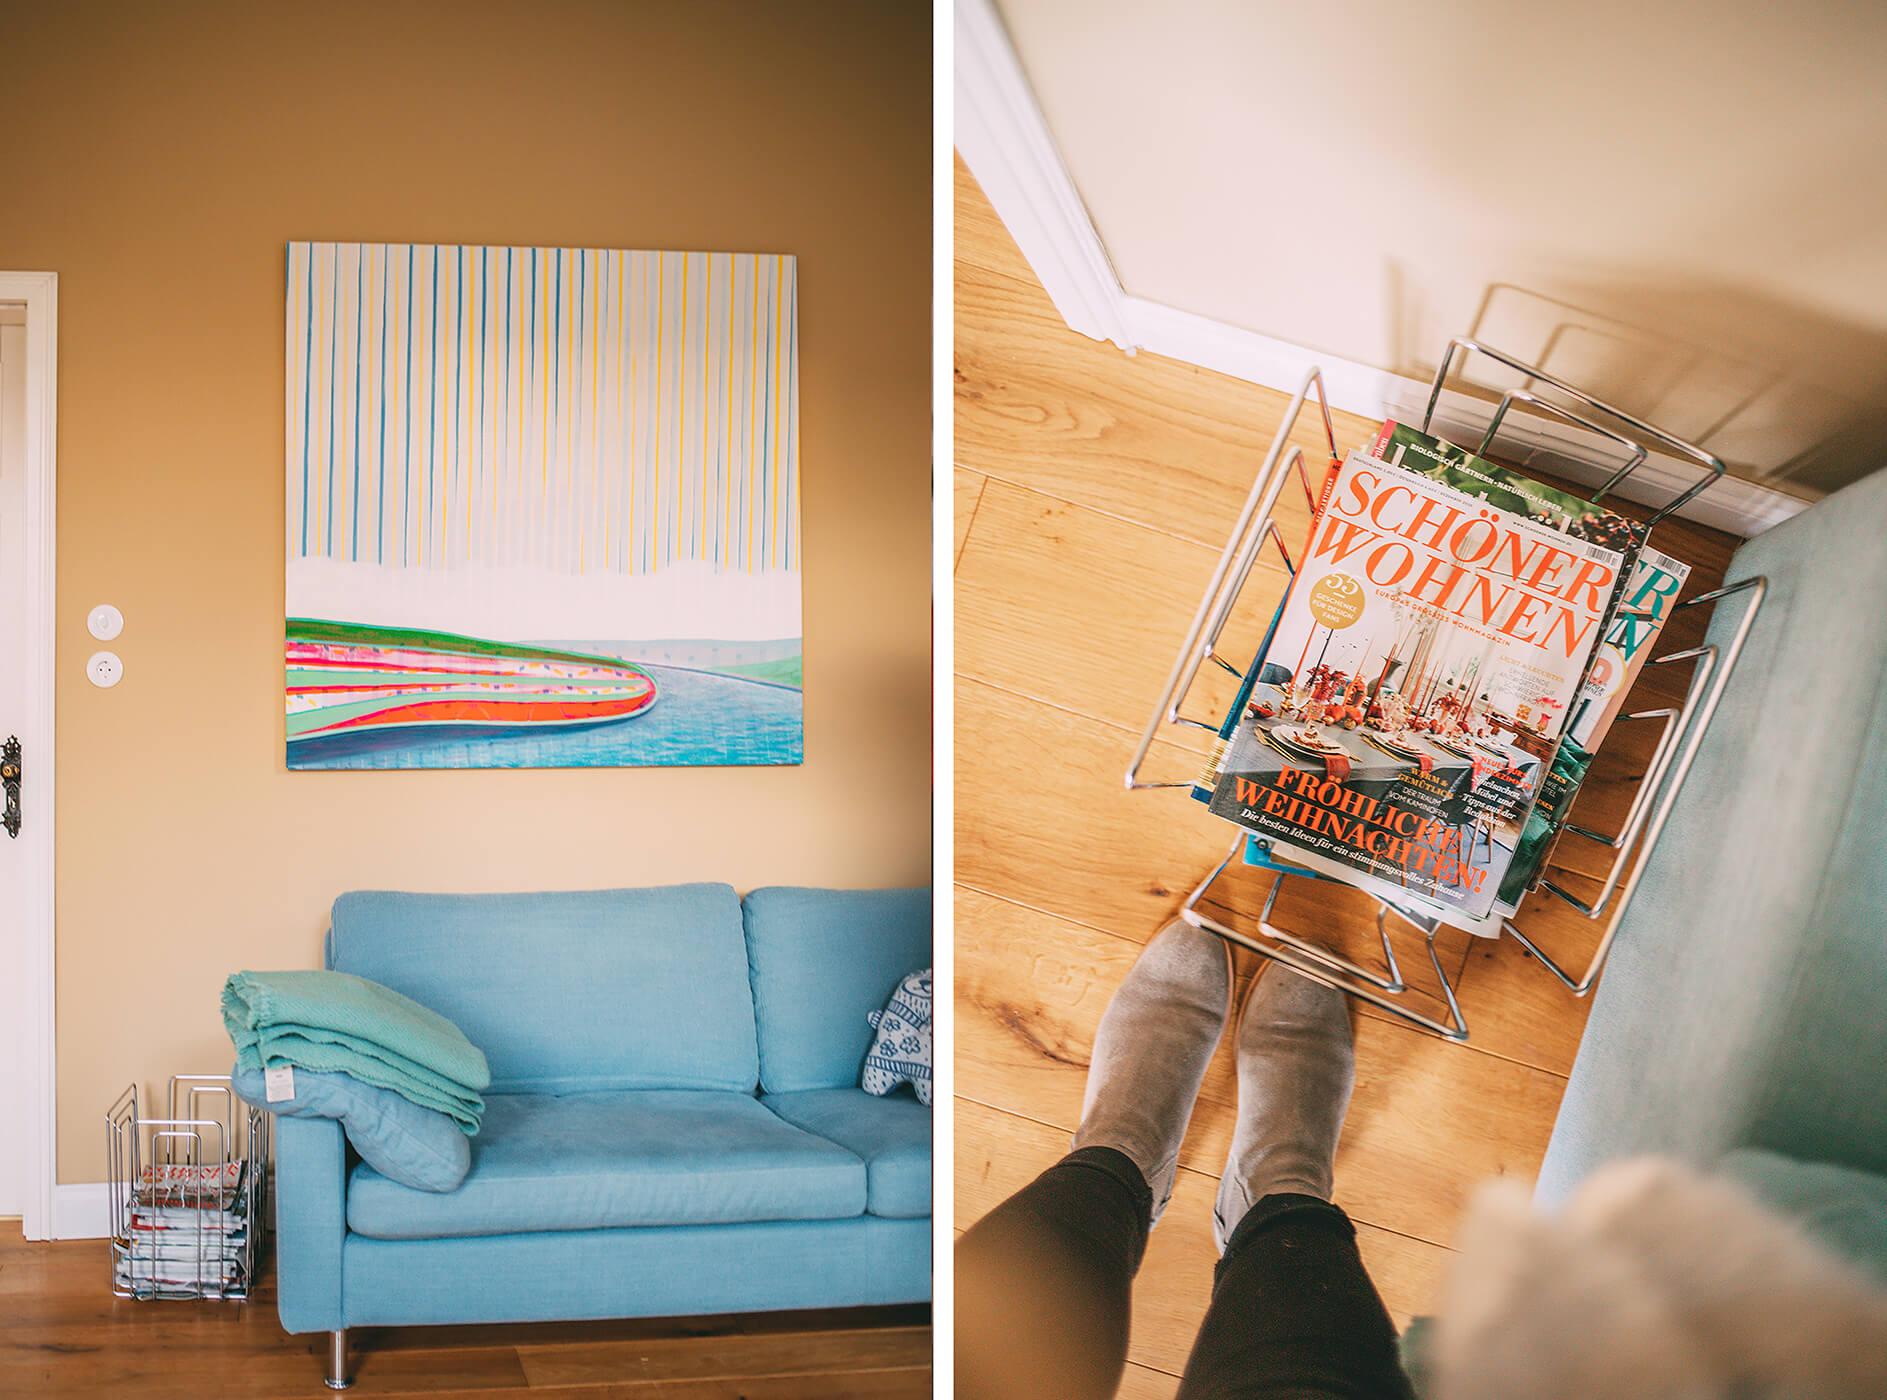 Sofa und Magazine